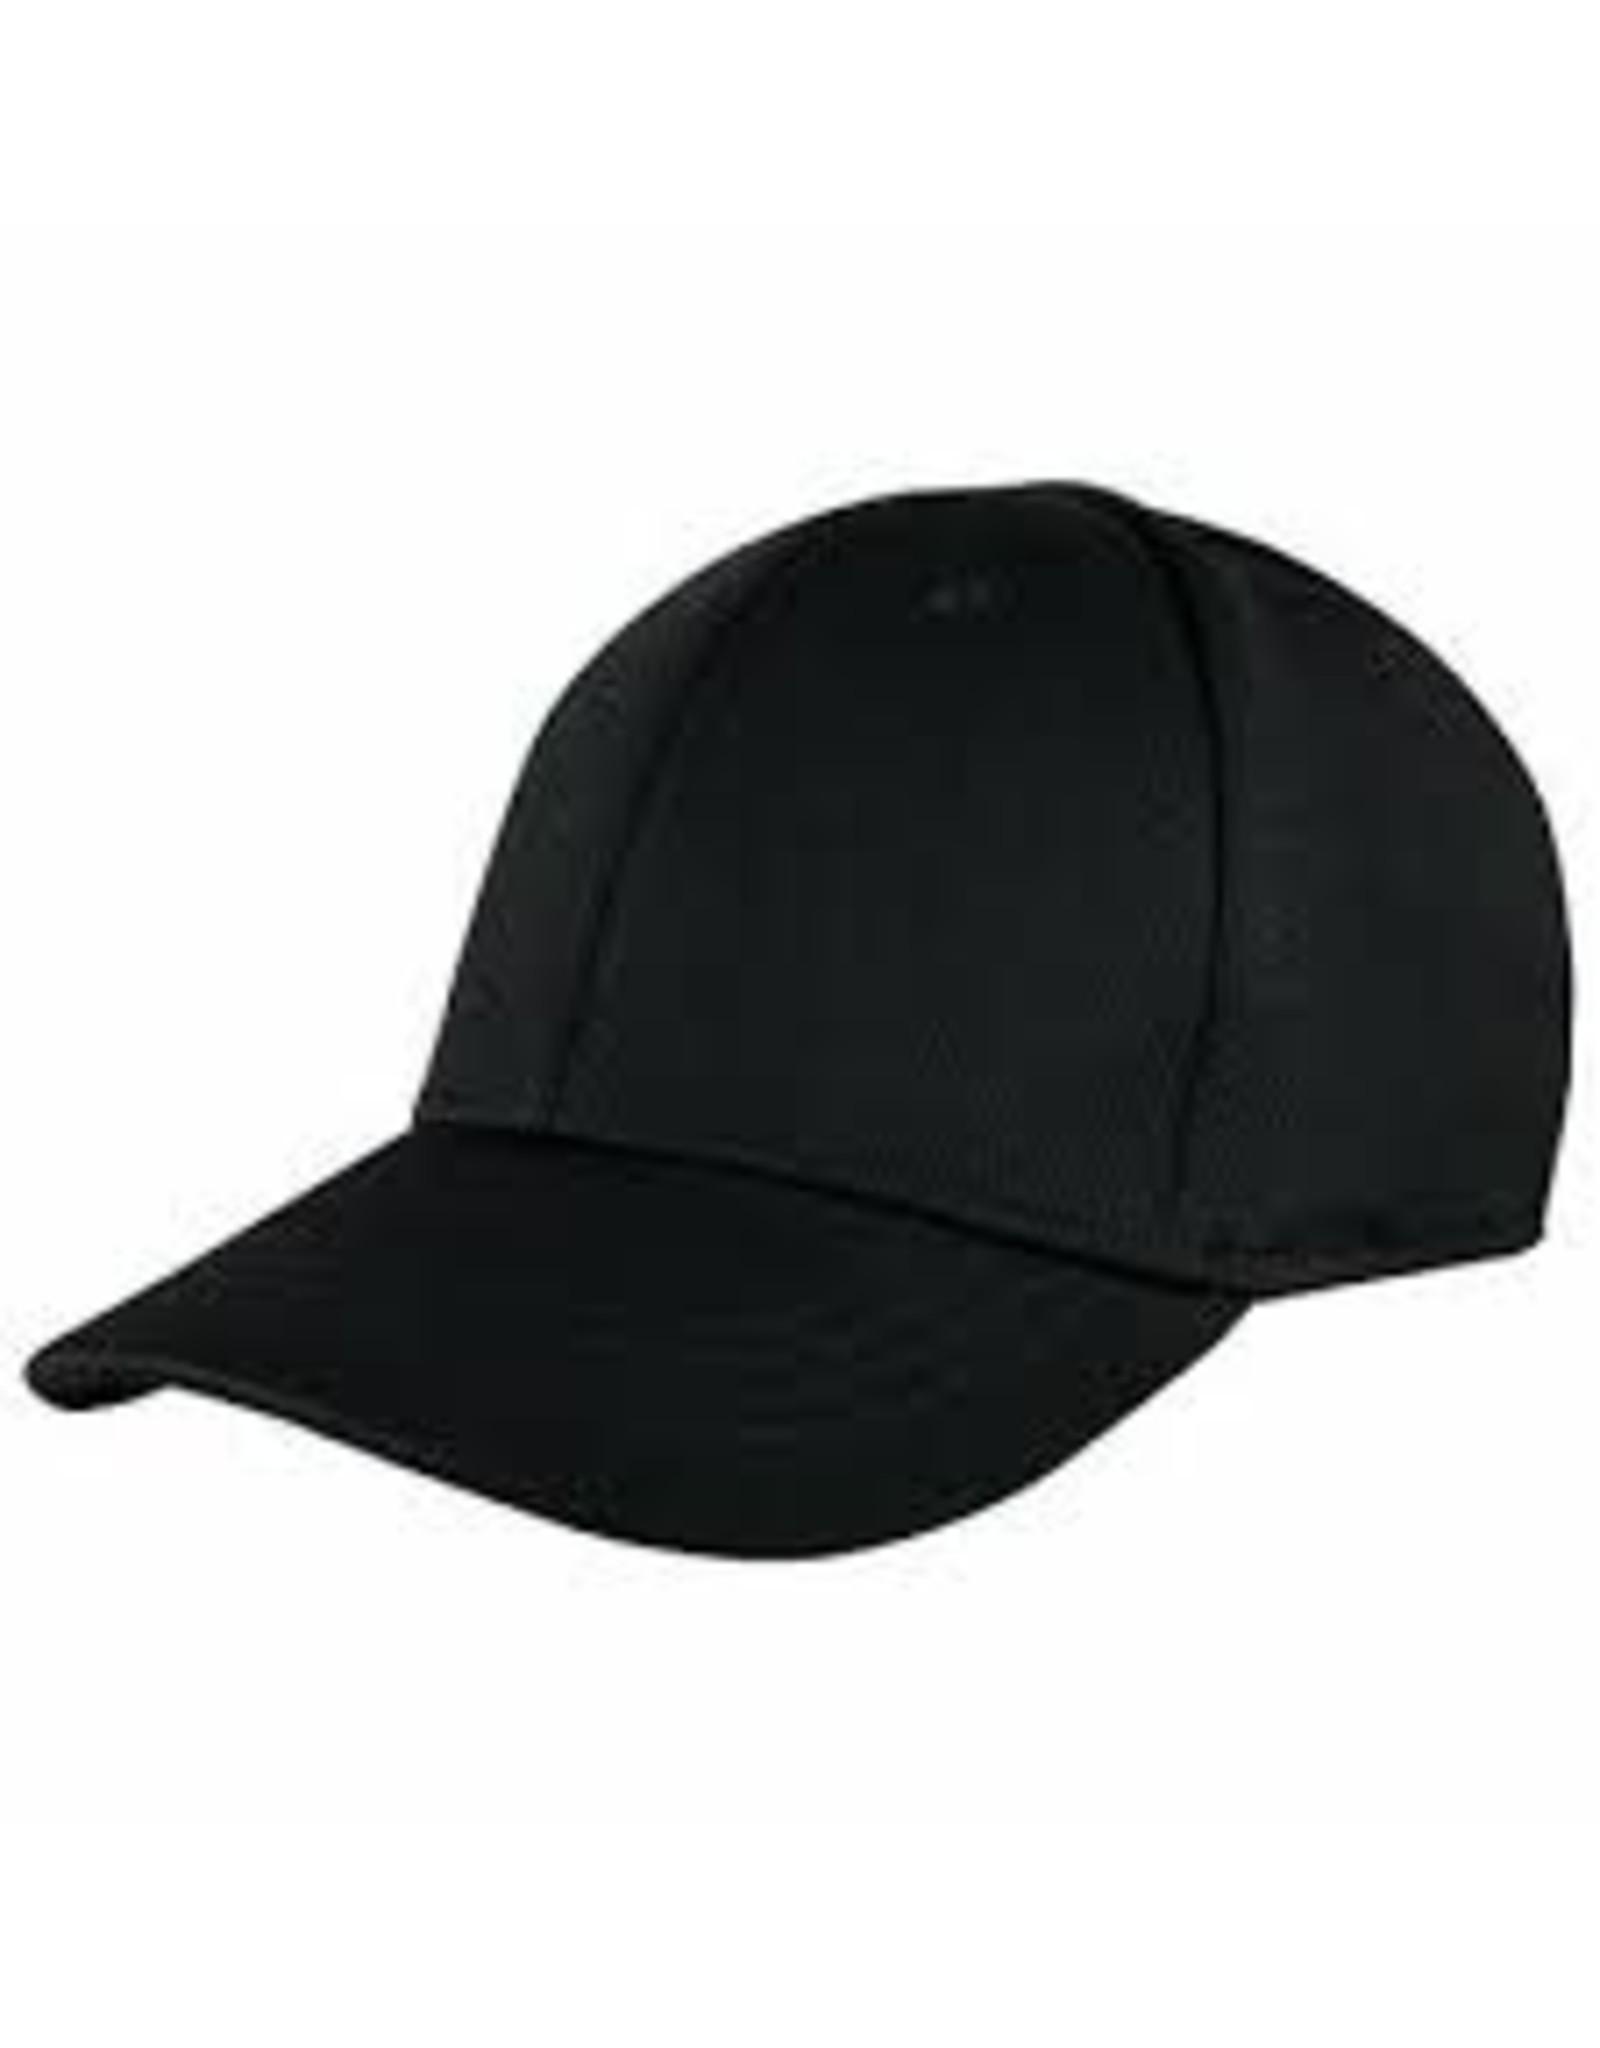 CONDOR TACTICAL CONDOR FLEX TEAM CAP